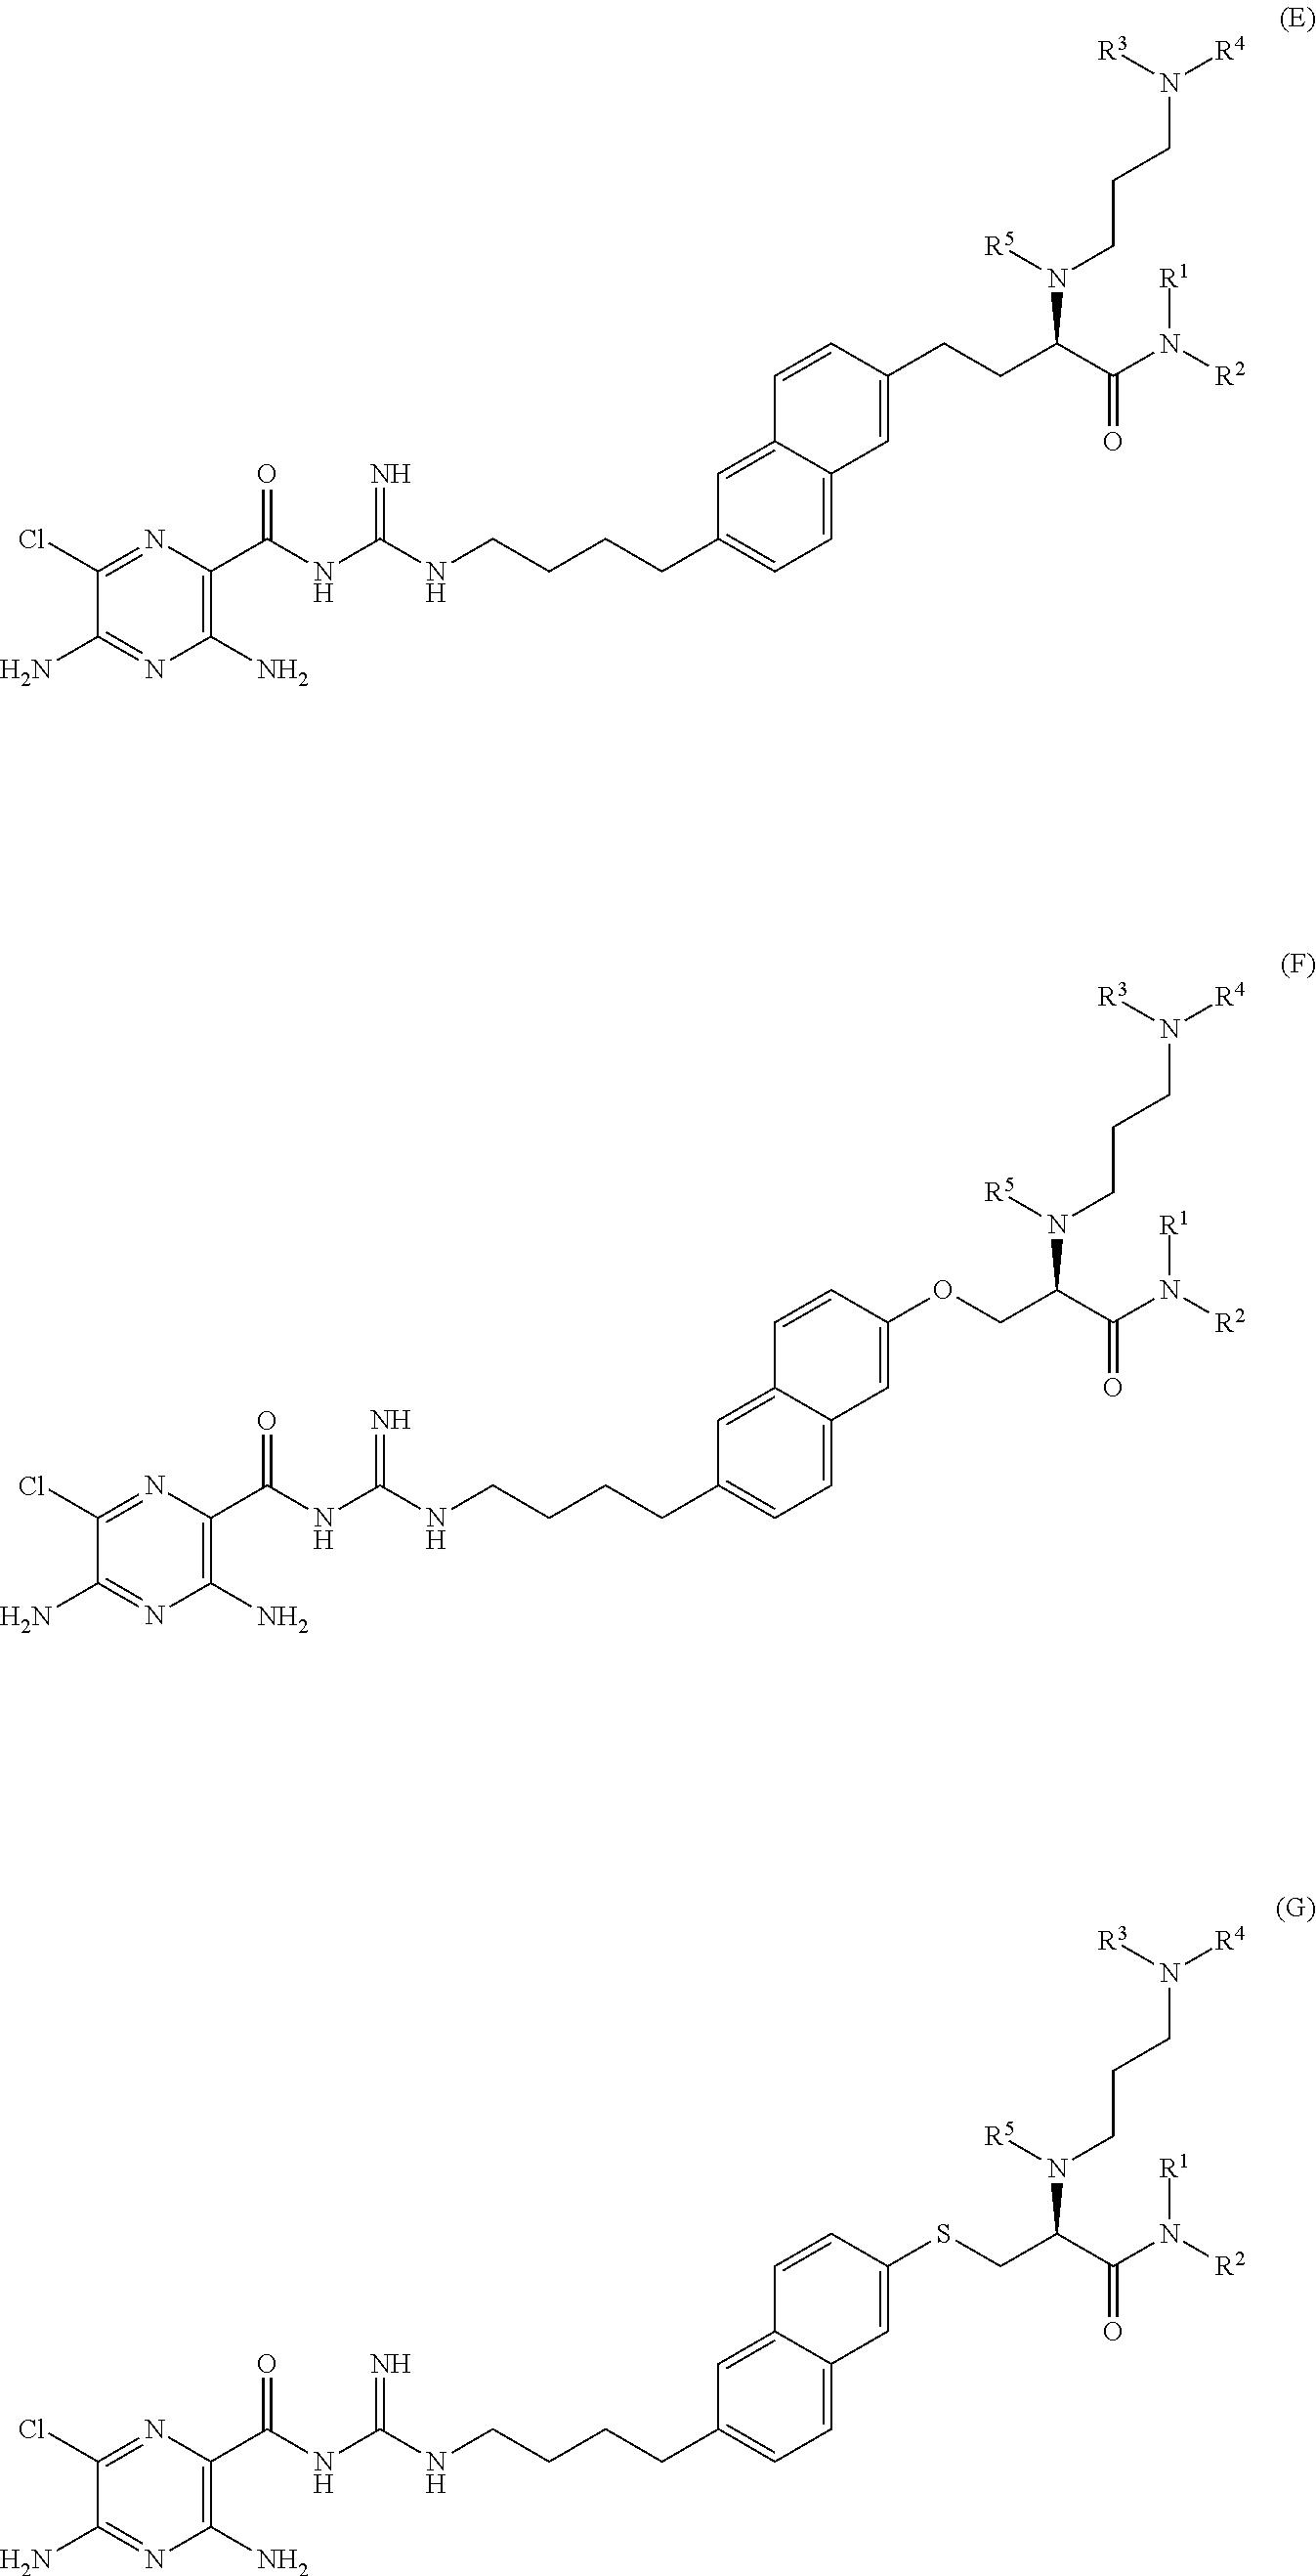 Figure US09695134-20170704-C00005